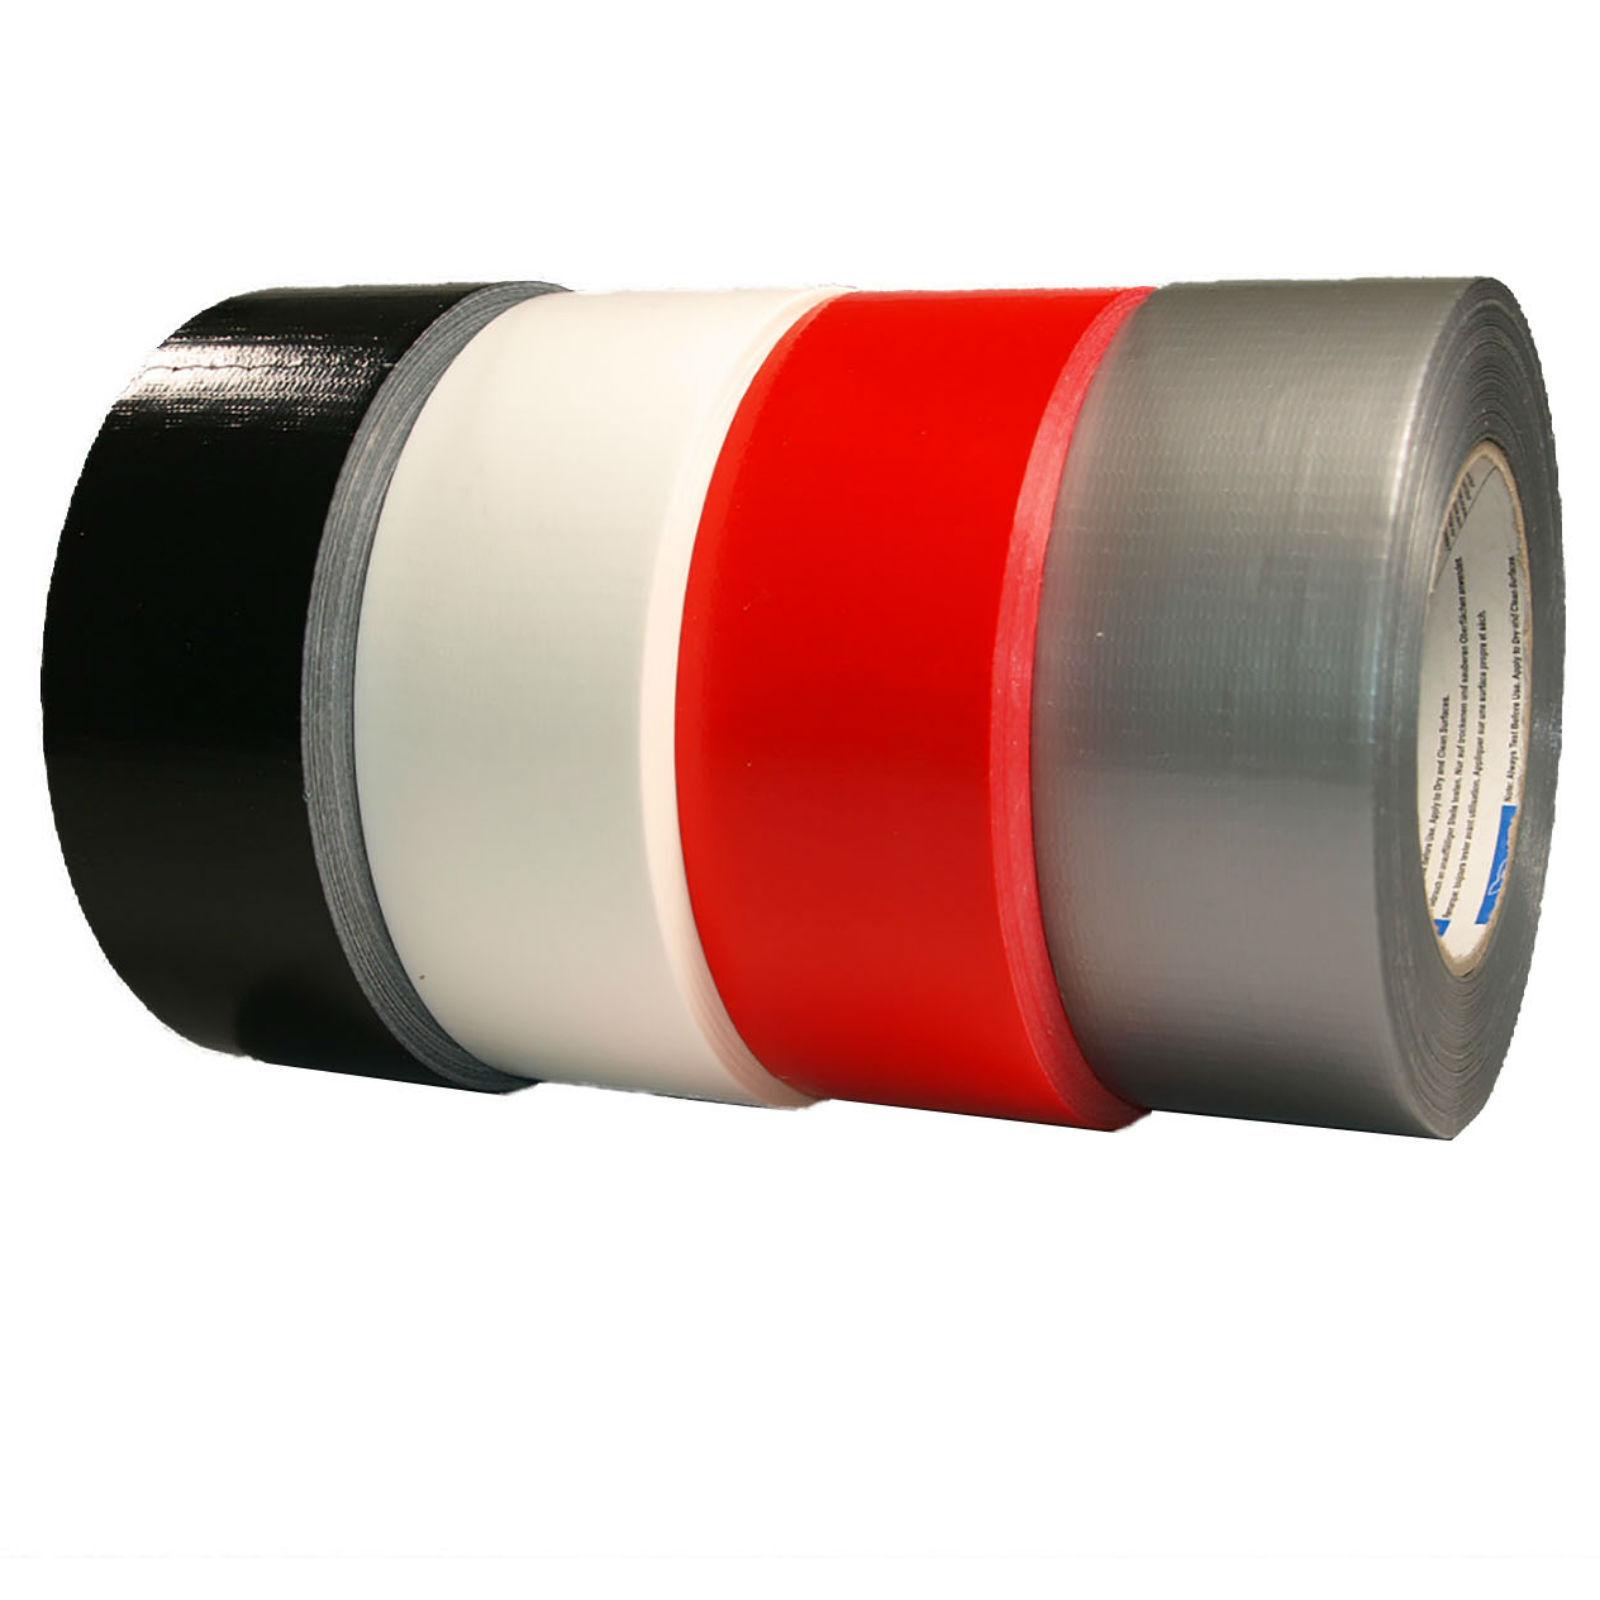 Conjunto de 4-Plástico Pinta approx. 566.98 g Elite remedio Policarbonato Pinta Vasos Blanco CE 20 OZ